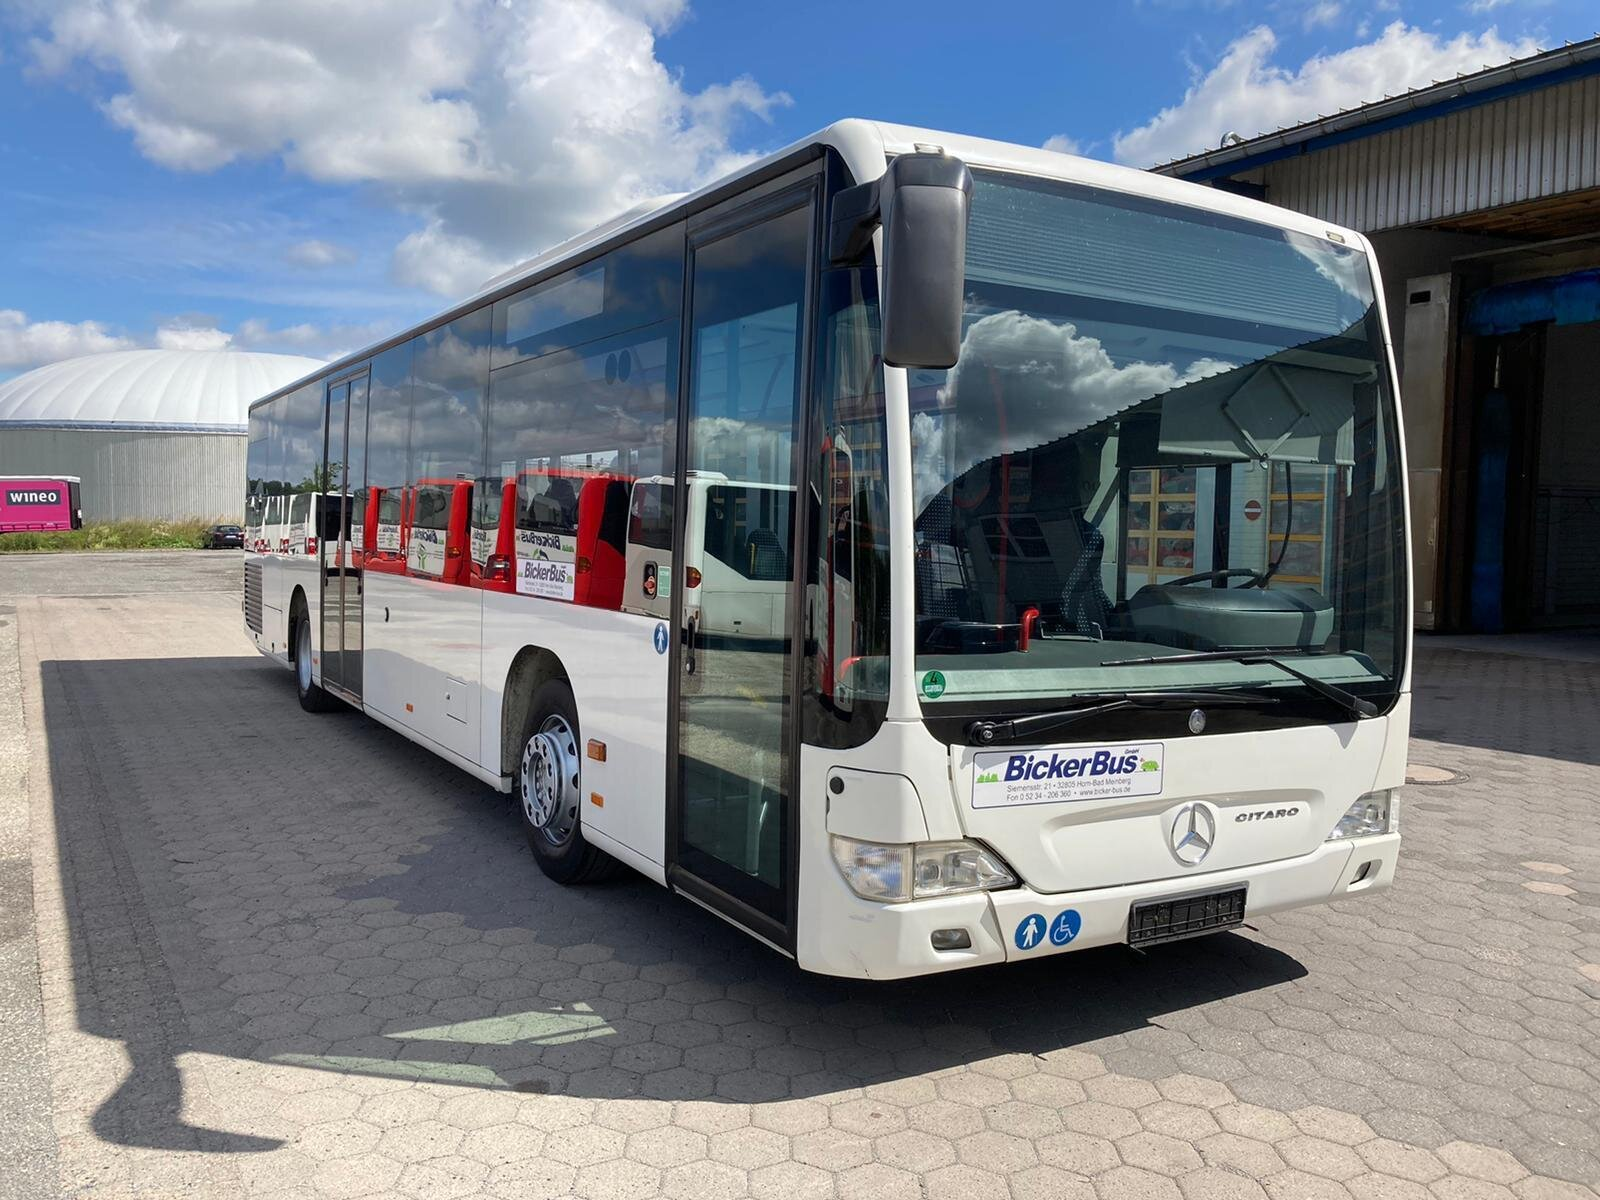 neuer weißer Bicker Bus